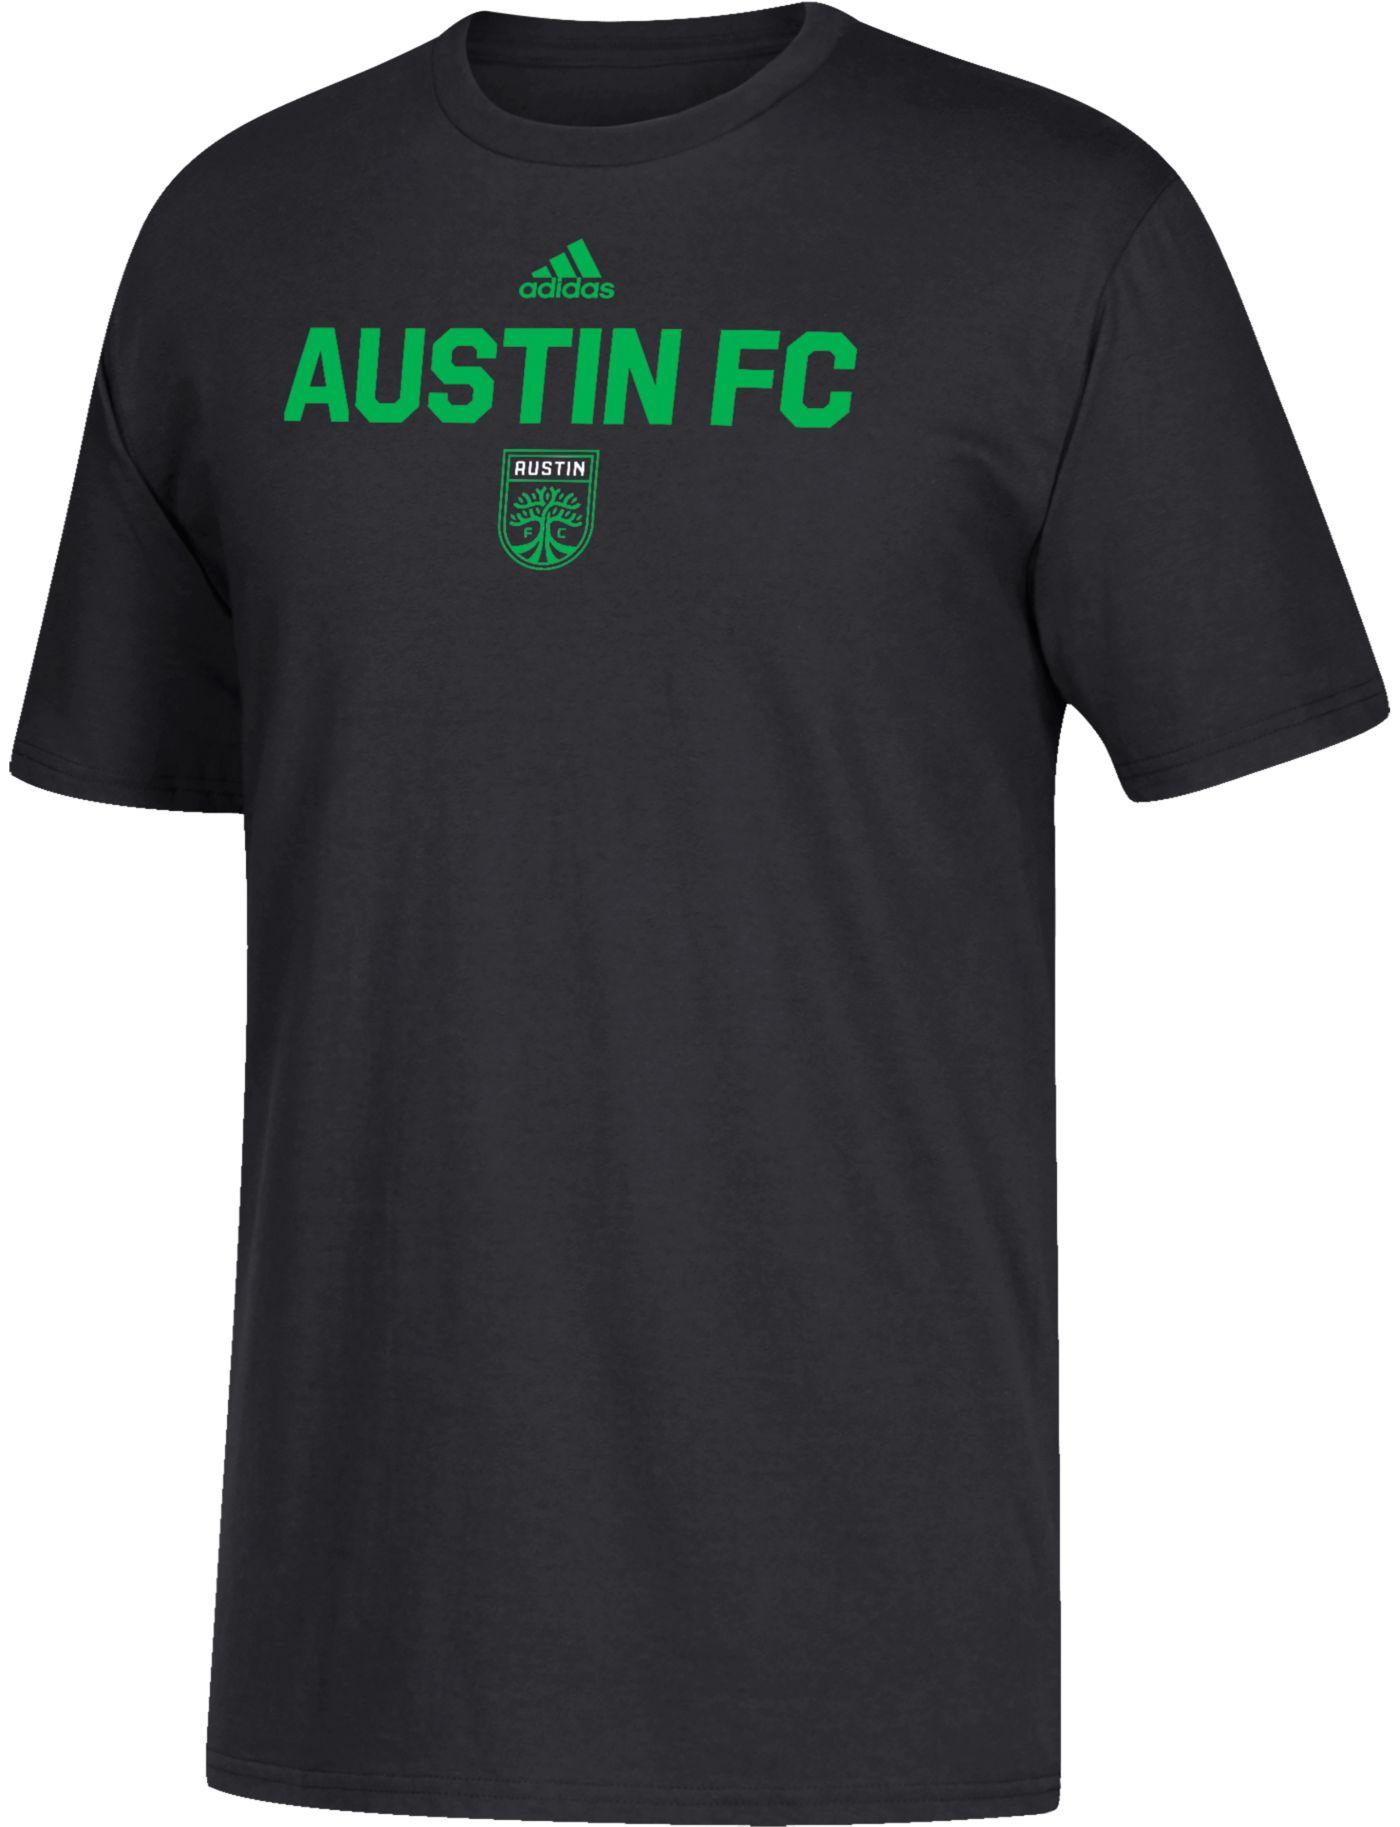 adidas Youth Austin FC Wordmark Black T-Shirt